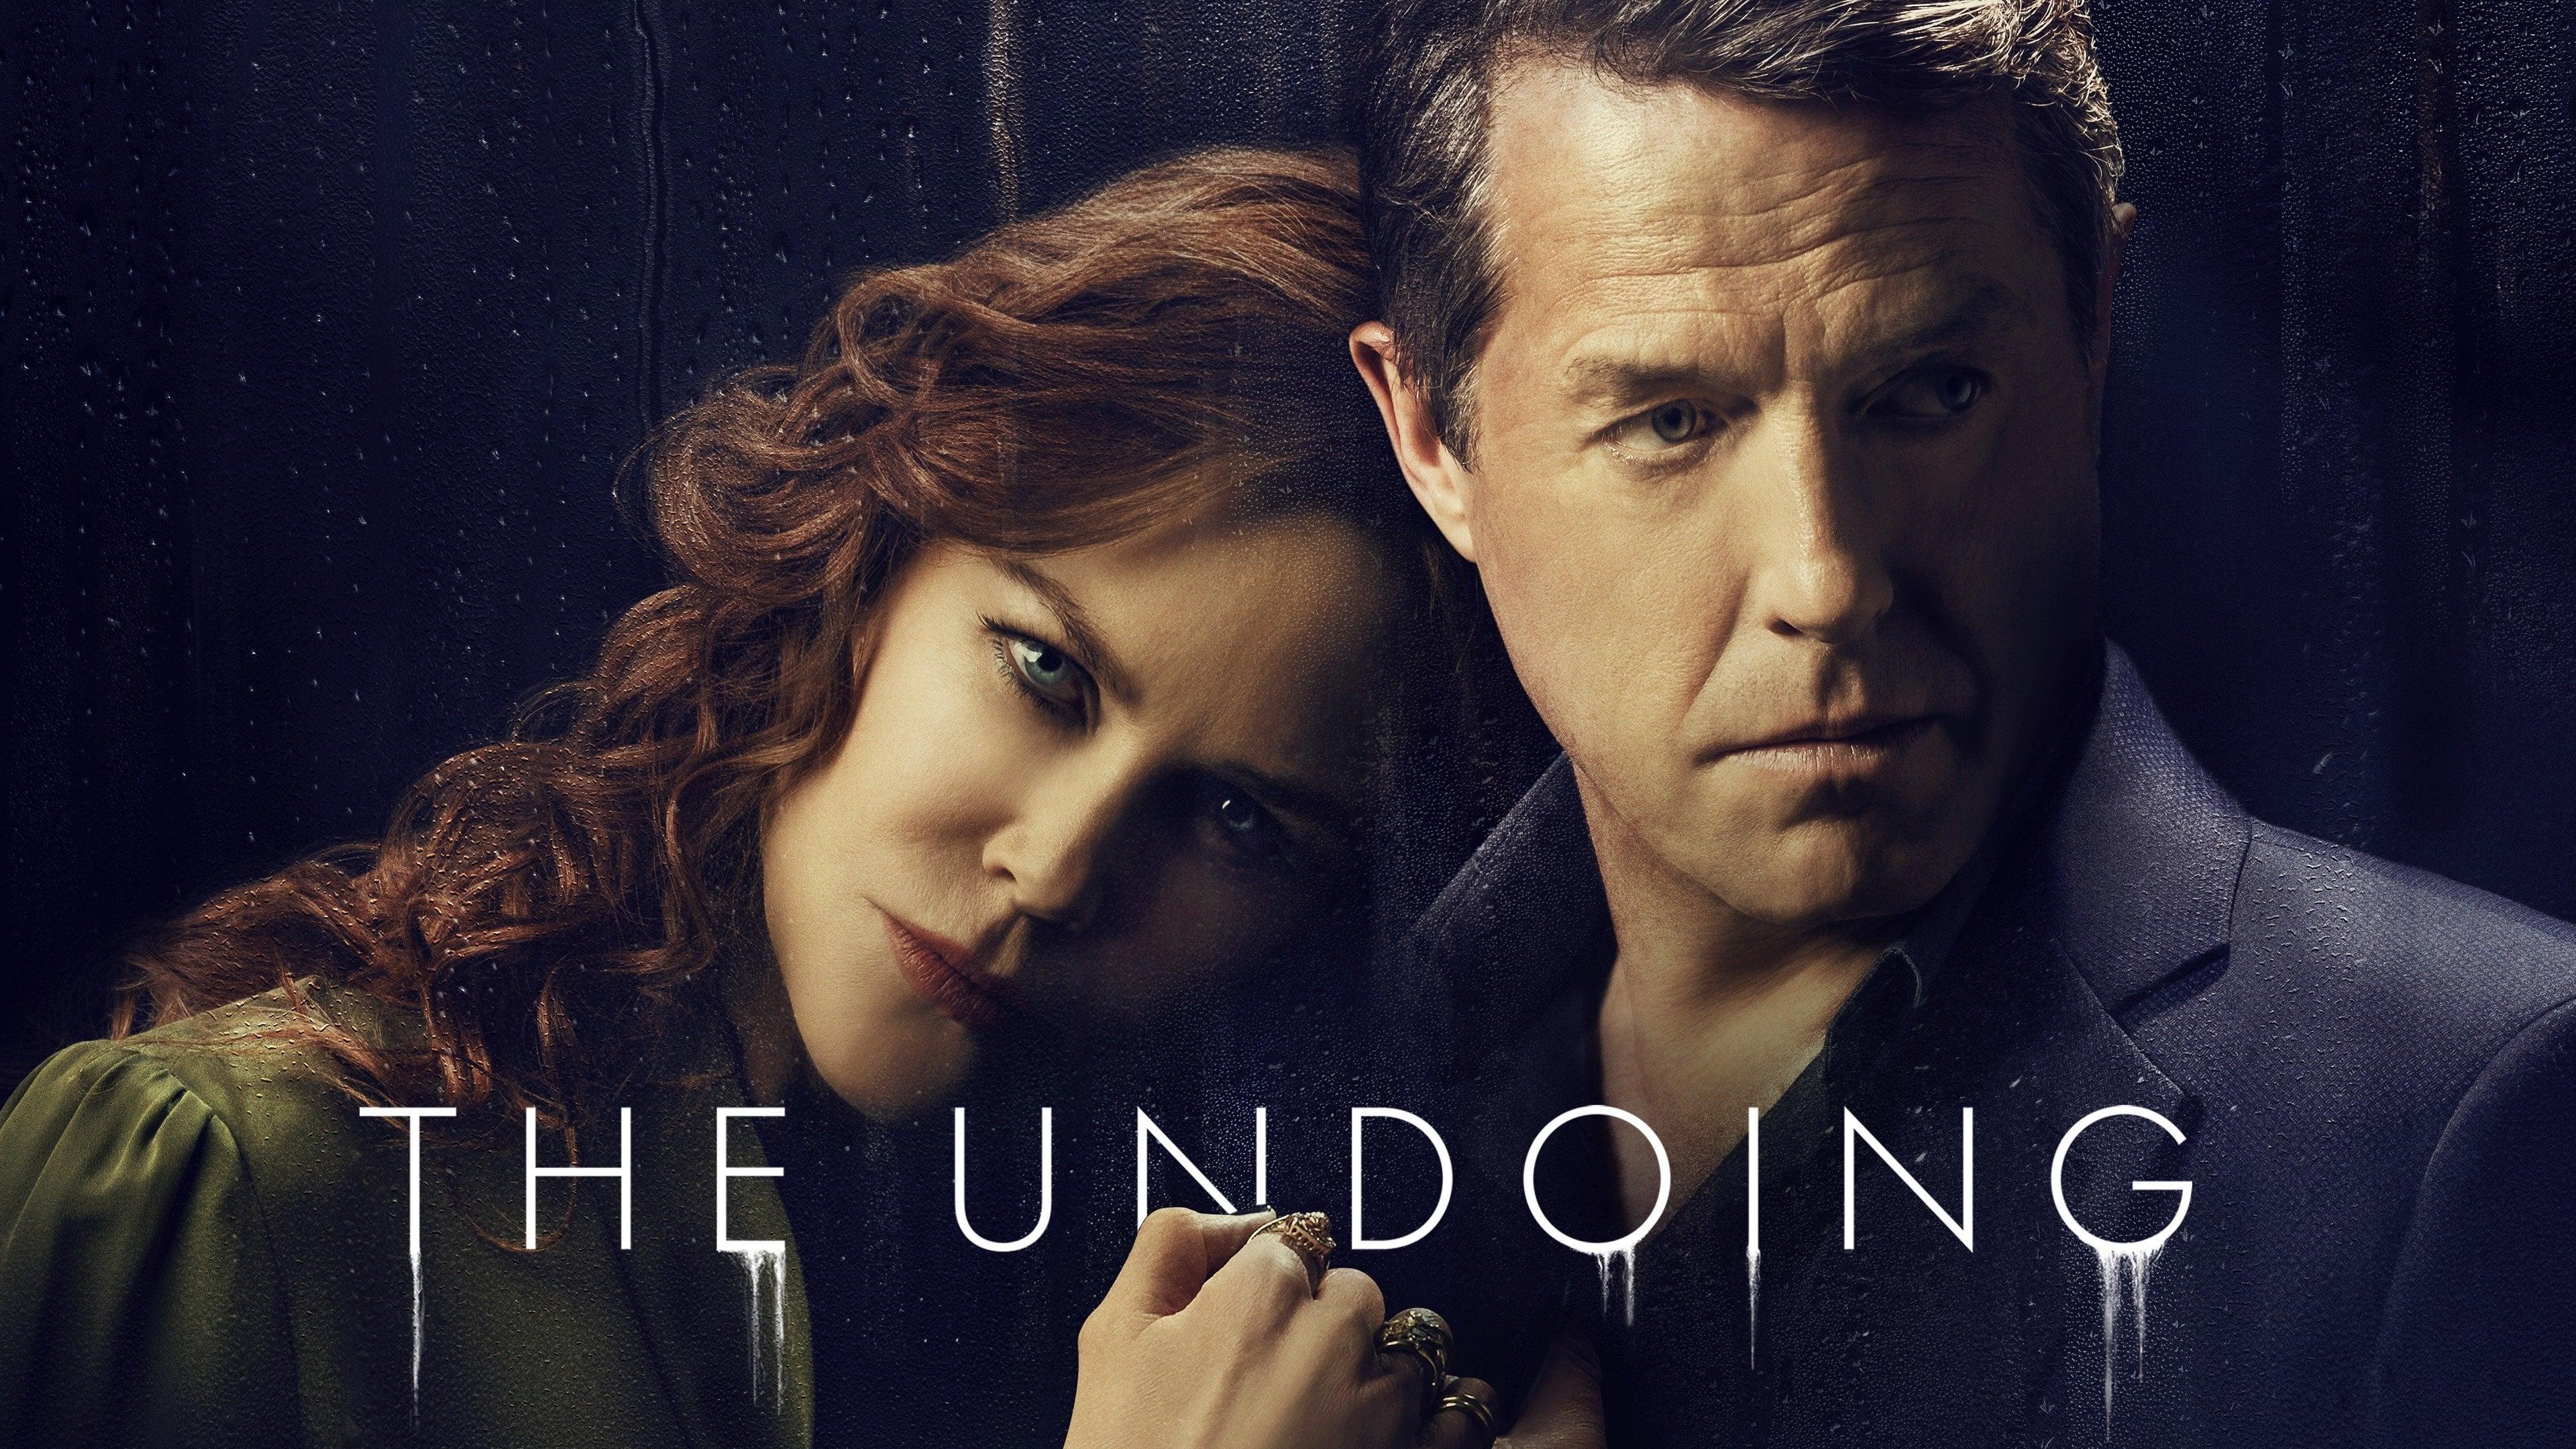 Maak kans op de miniserie The Undoing